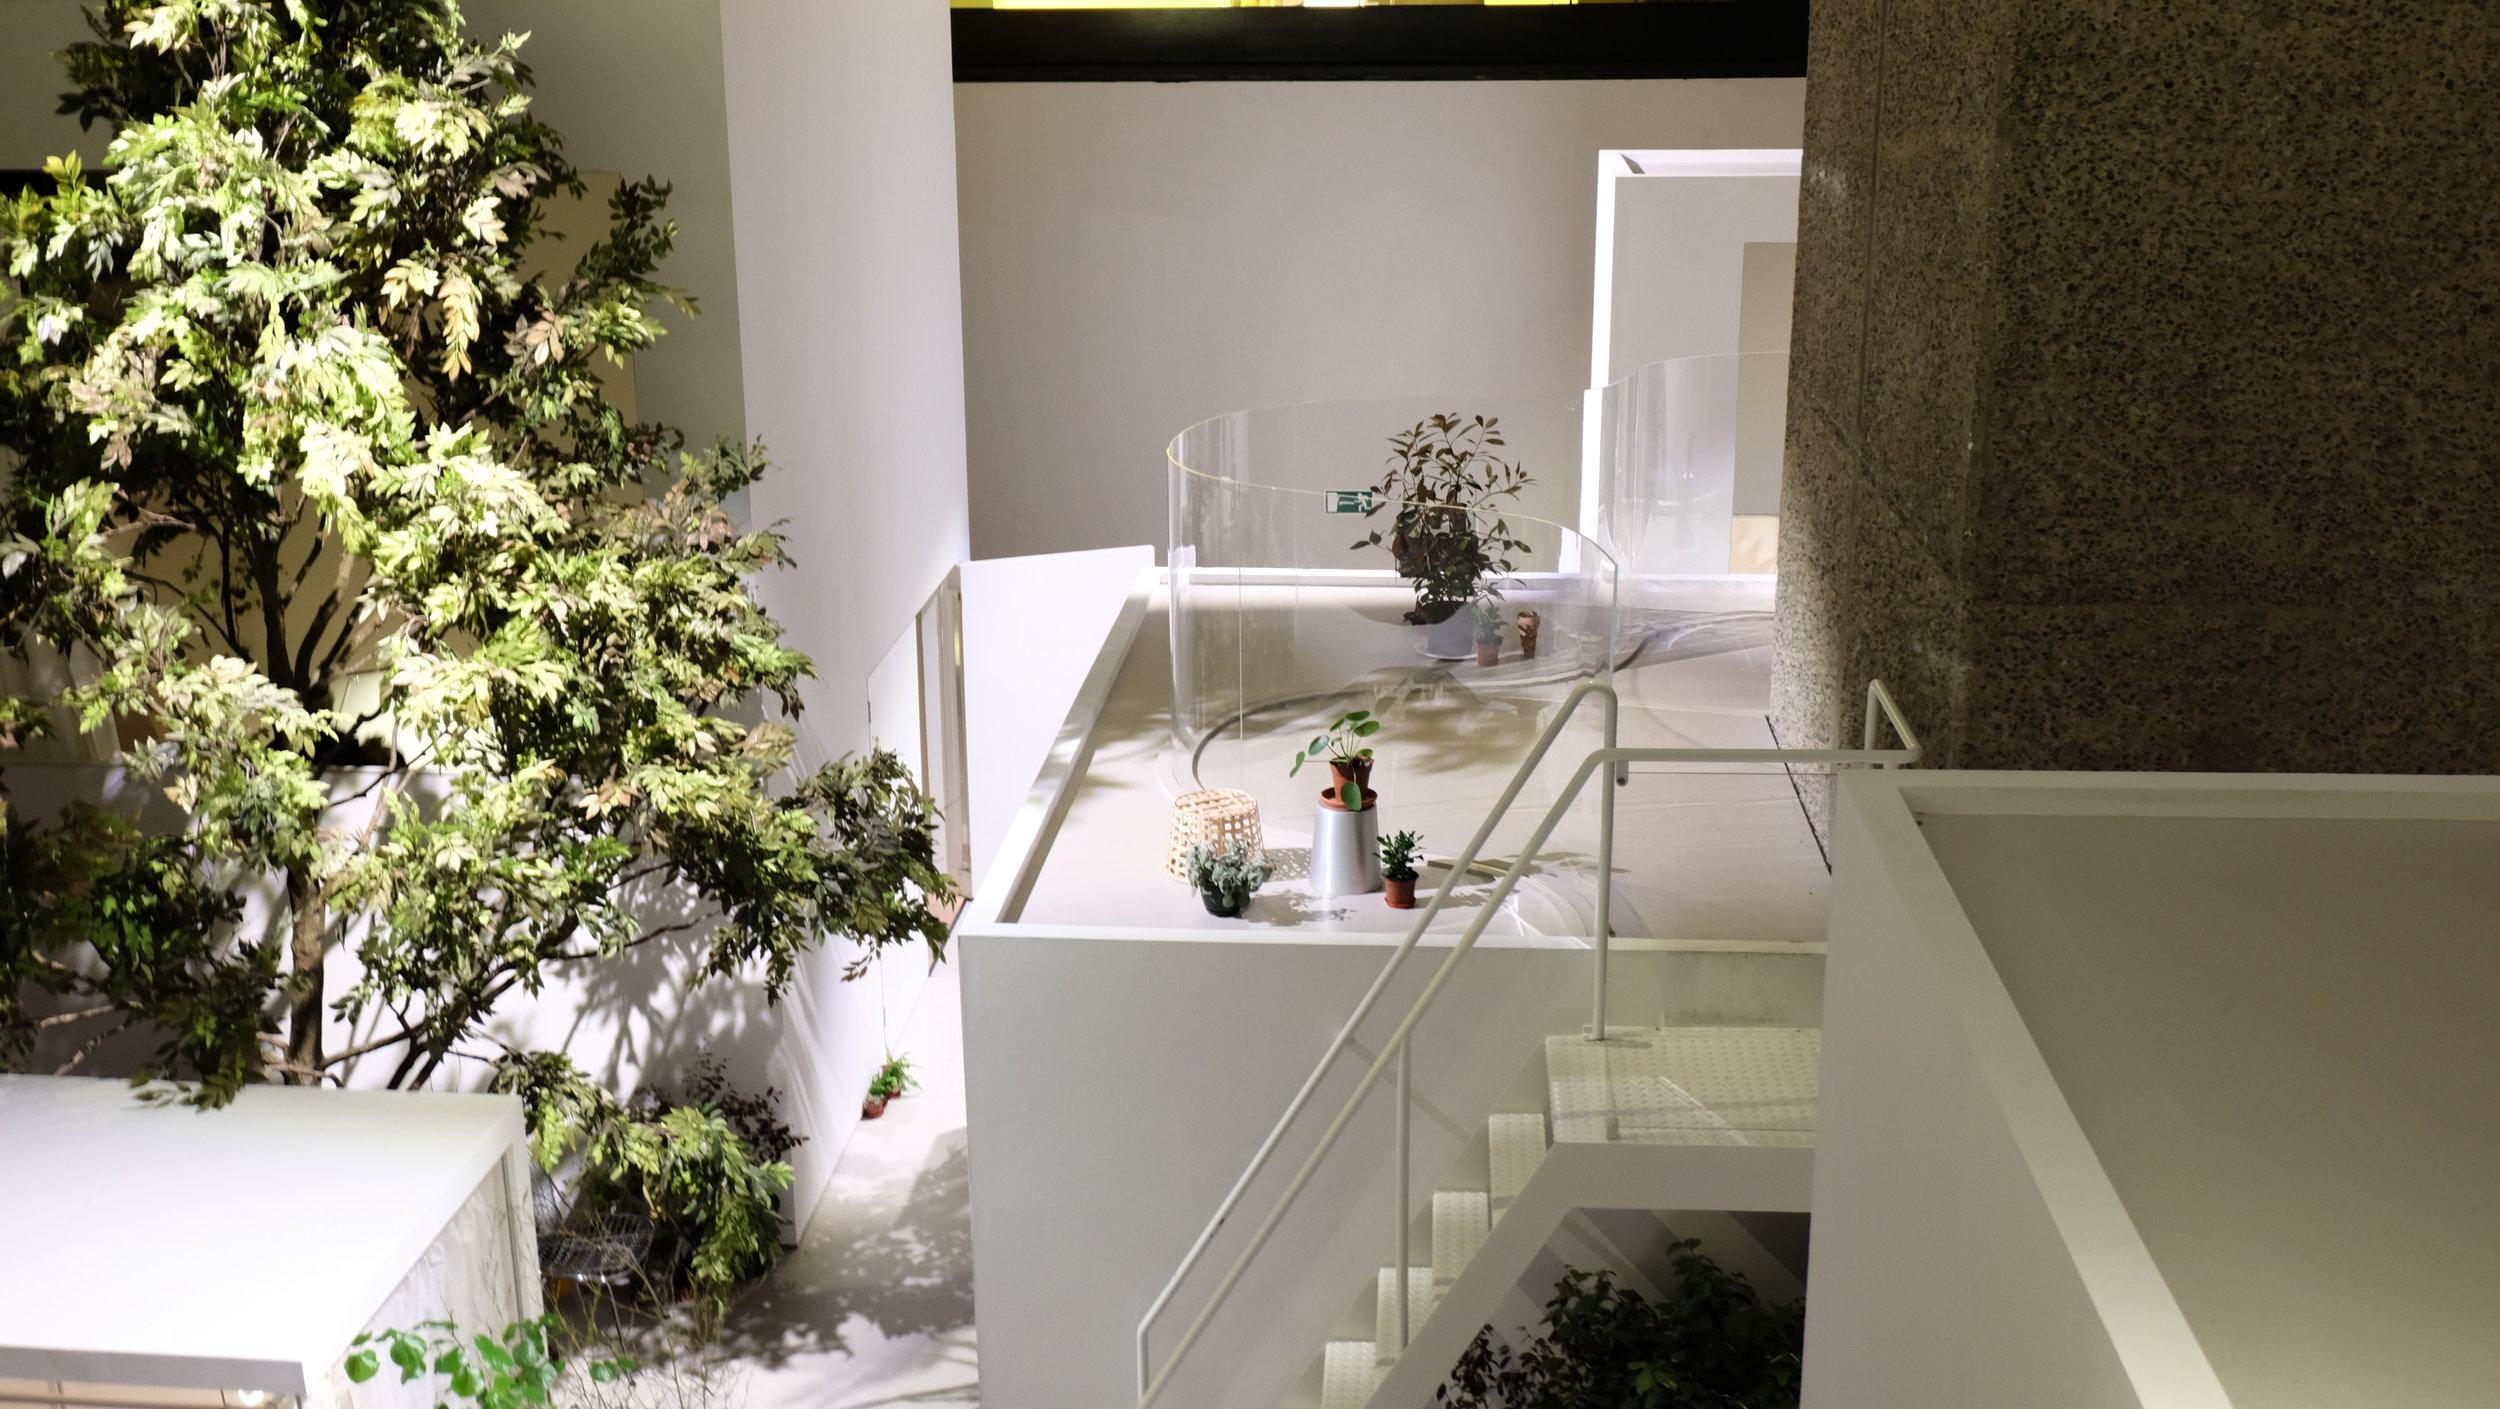 1 moriyama house (3).JPG